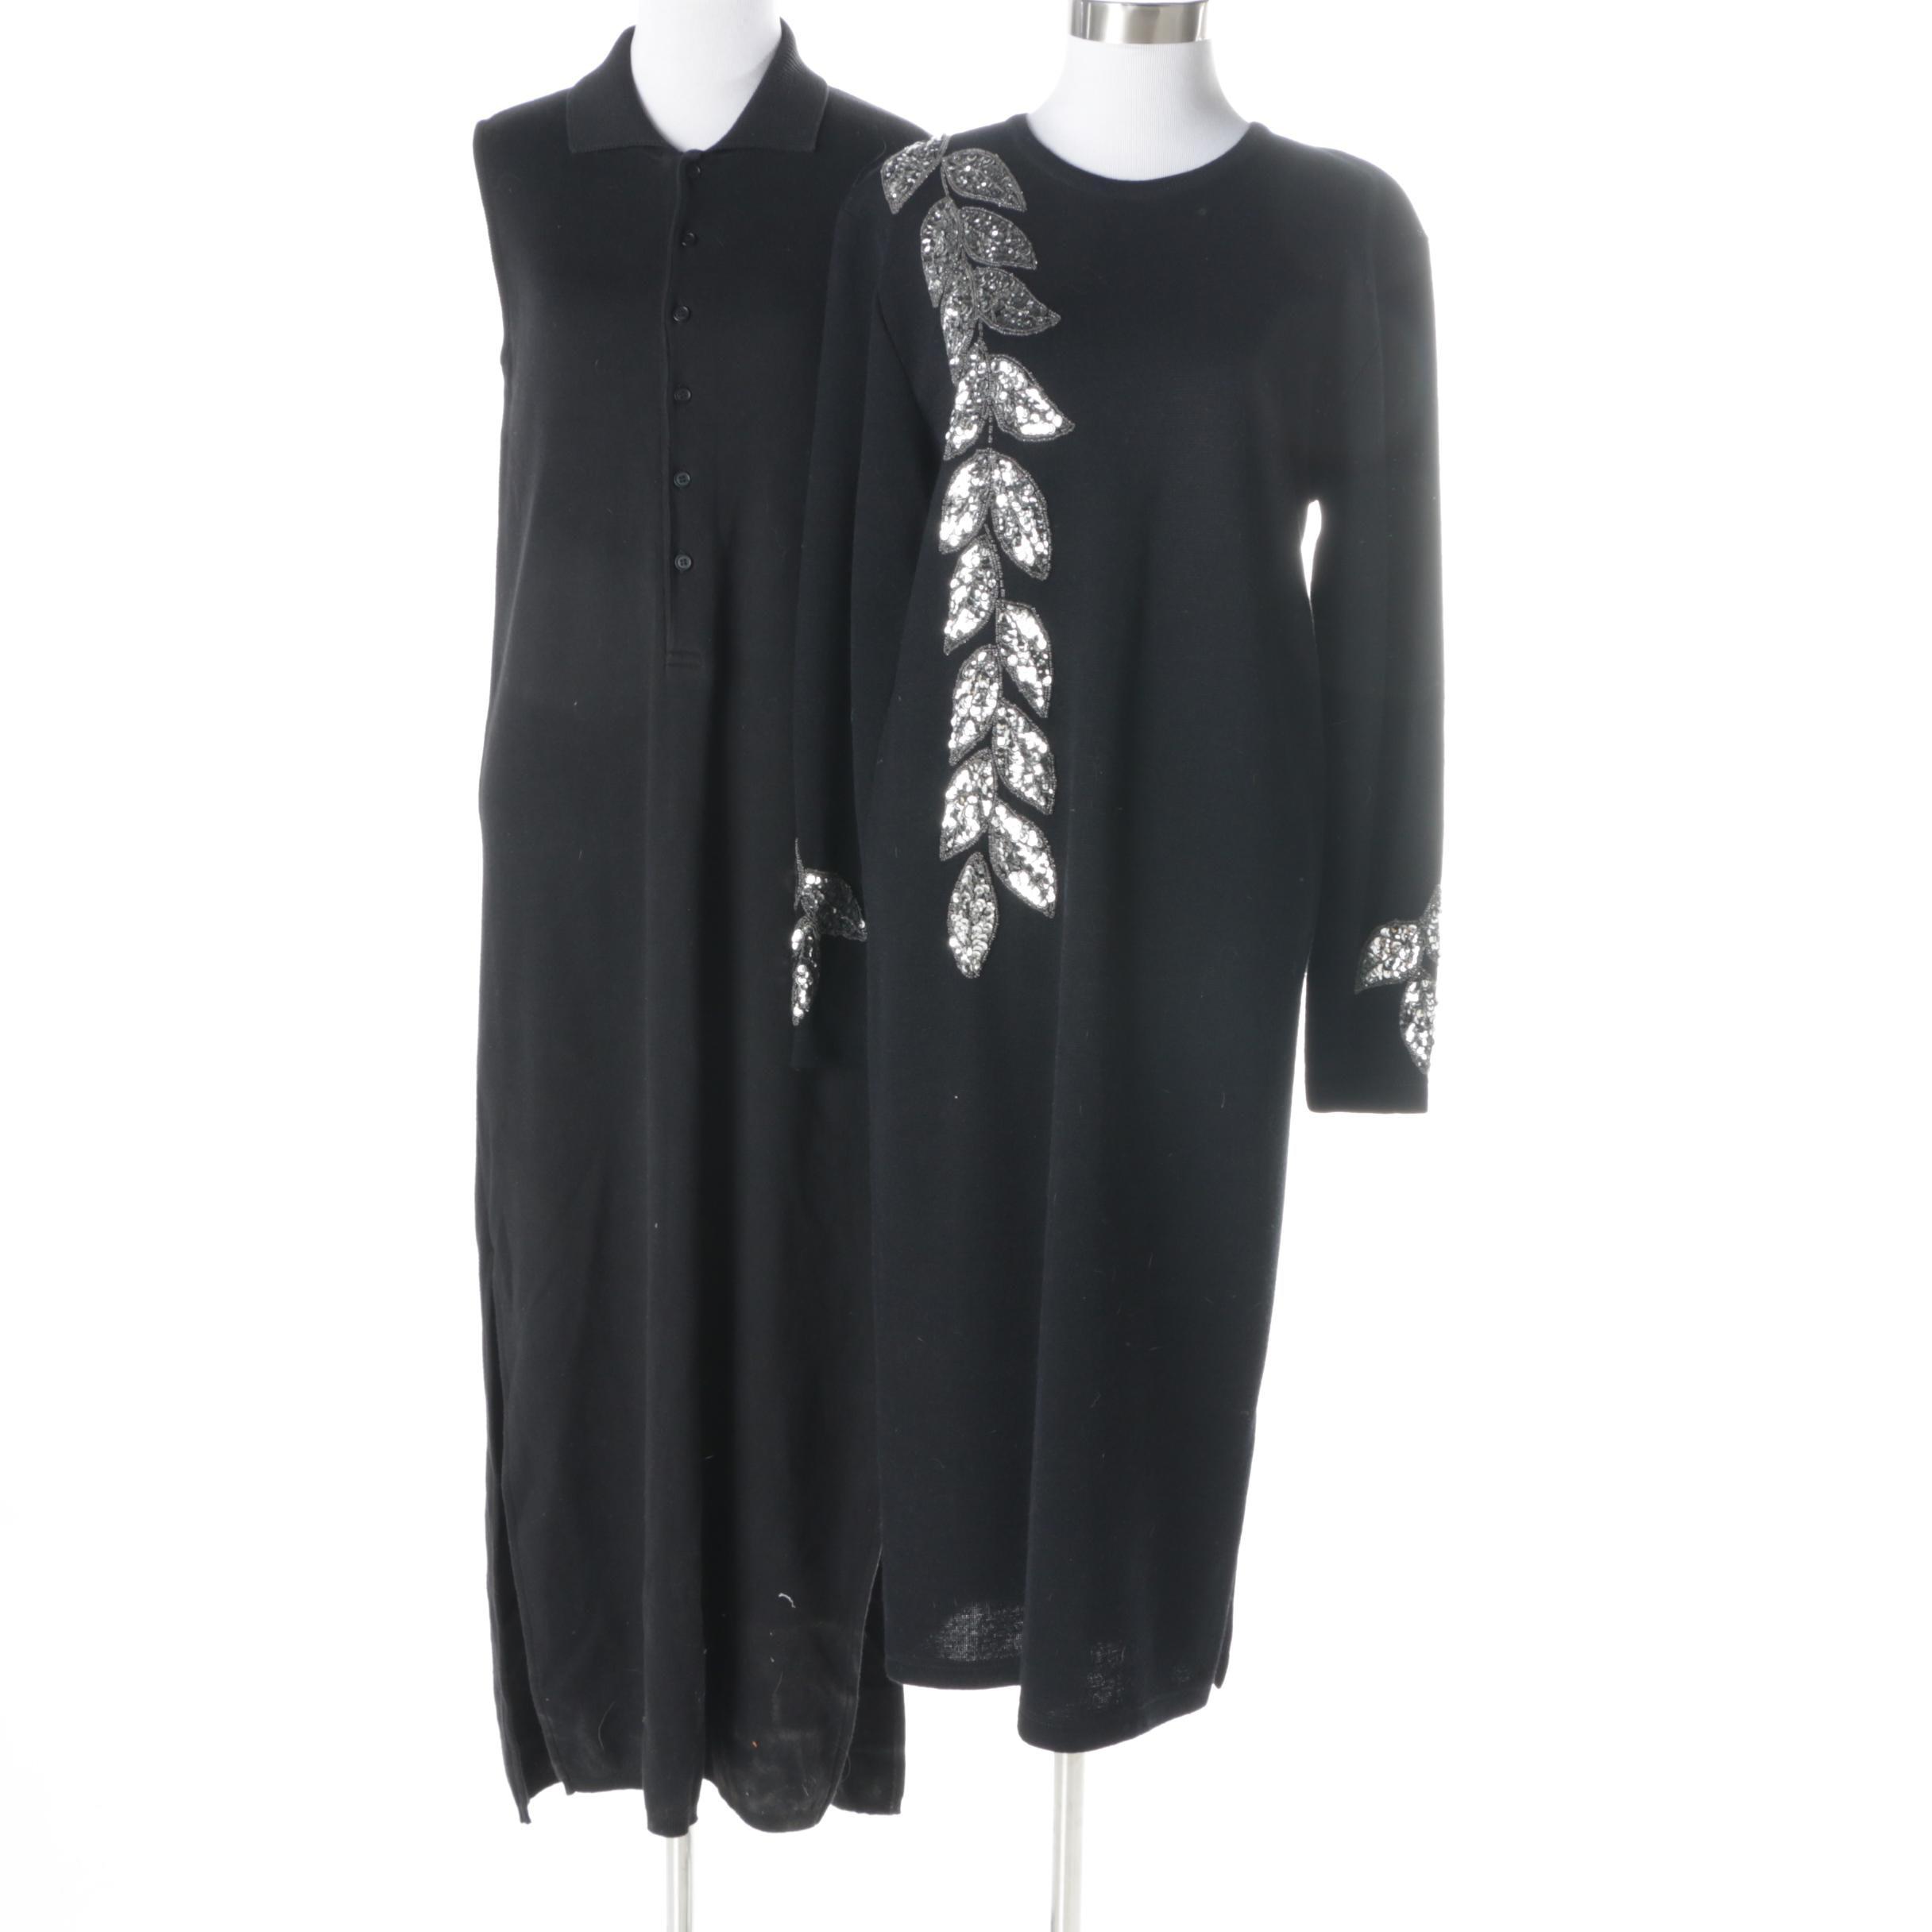 Women's Dresses Featuring Joan Vass